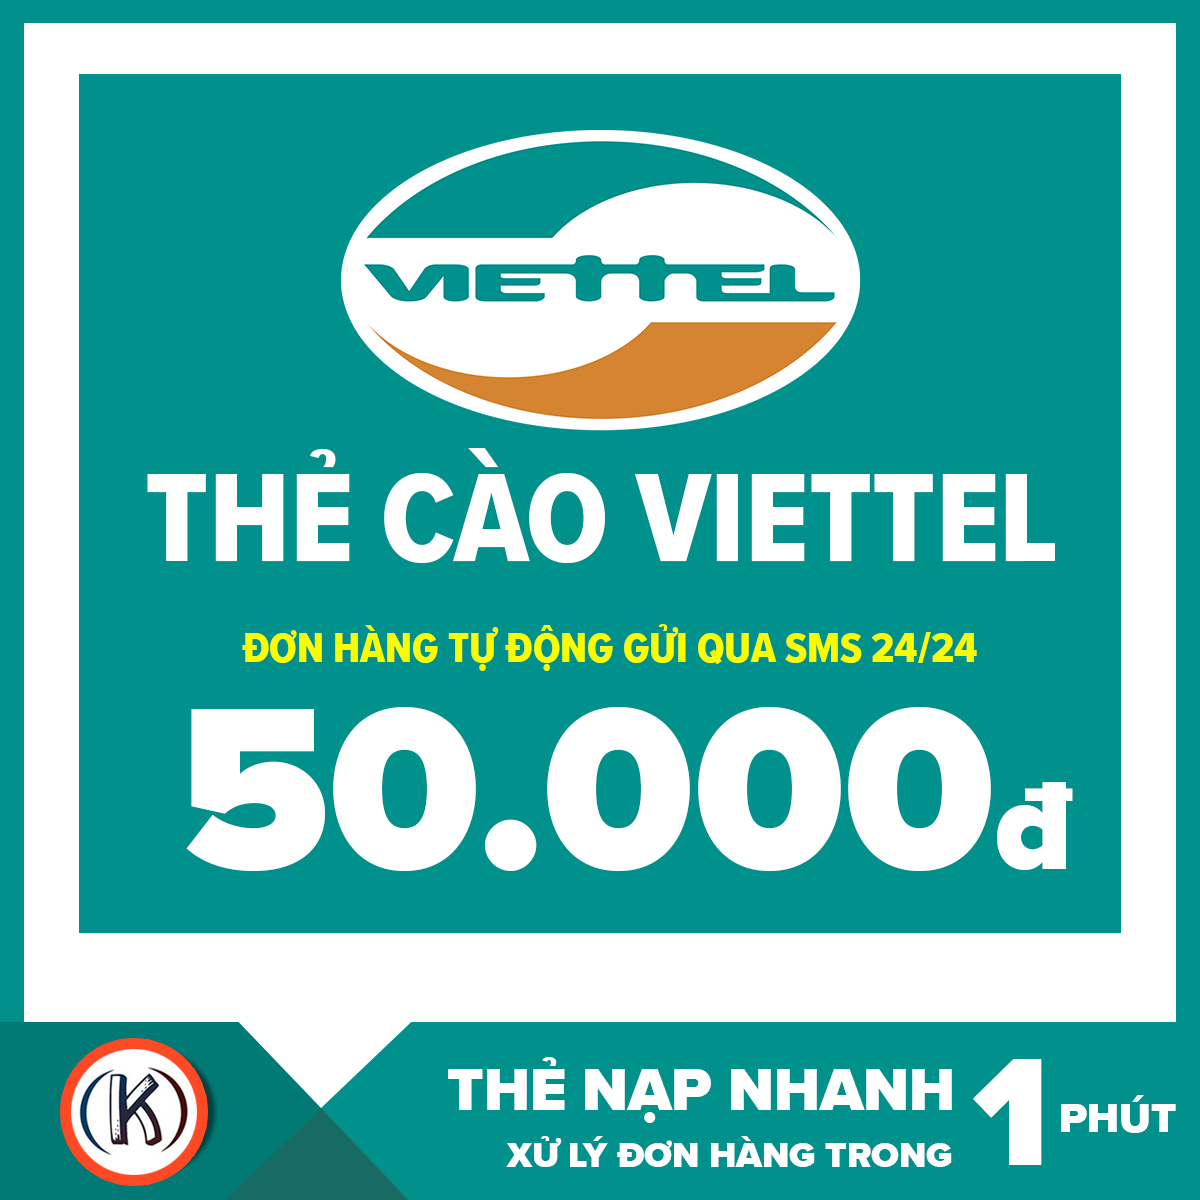 Thẻ cào viettel 50.000 đ (Đơn hàng tự động gửi qua Email 24/24)